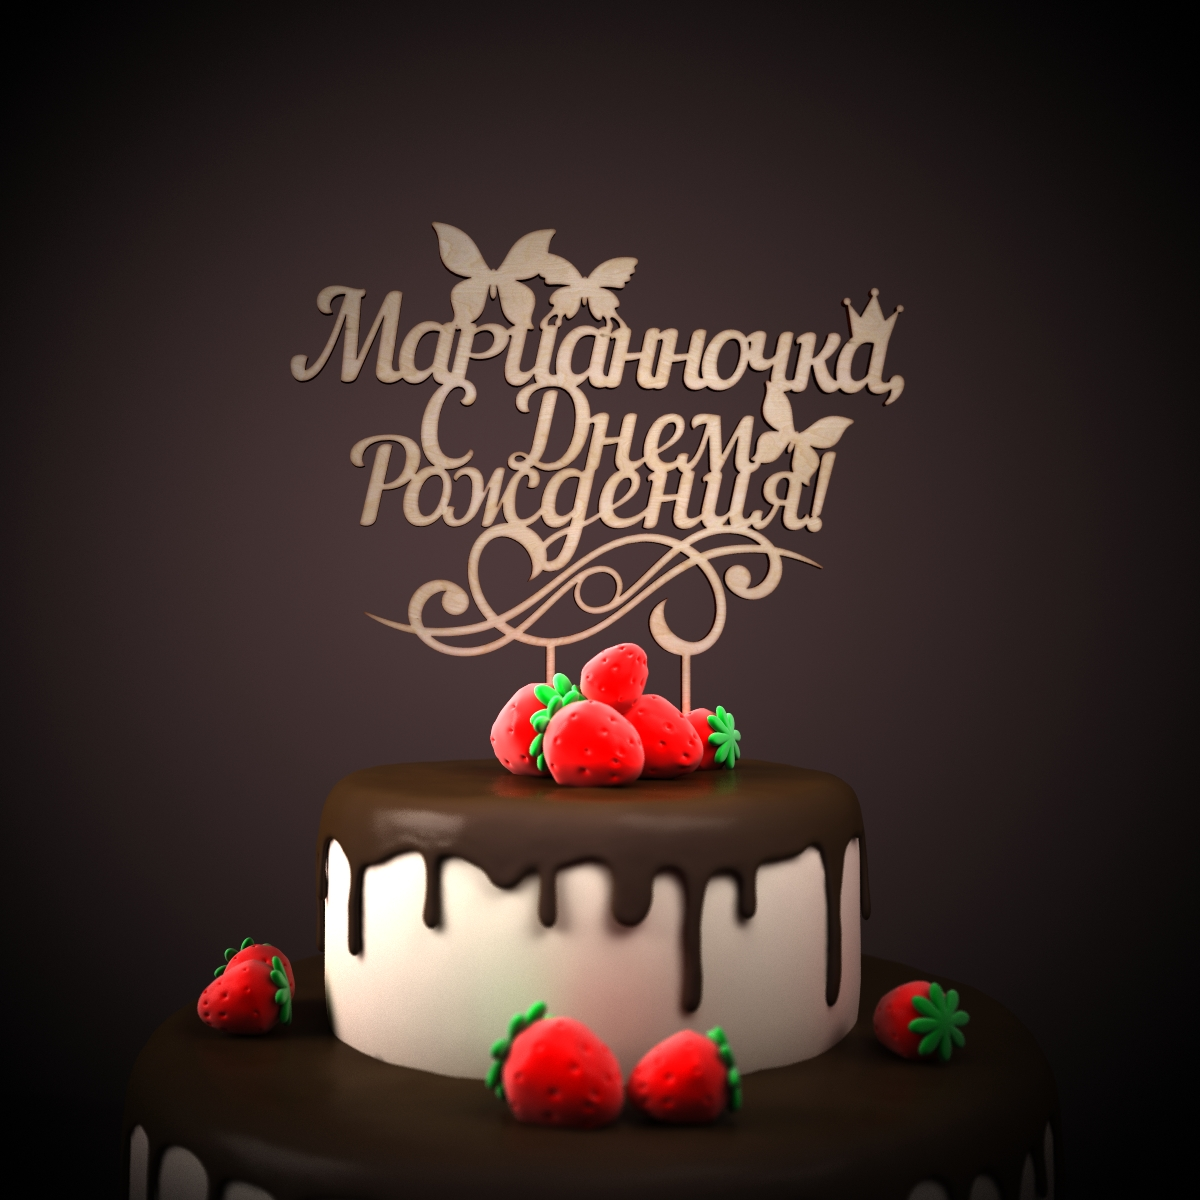 Поздравление с днем рождения марианна открытка, днем рождения мужчине